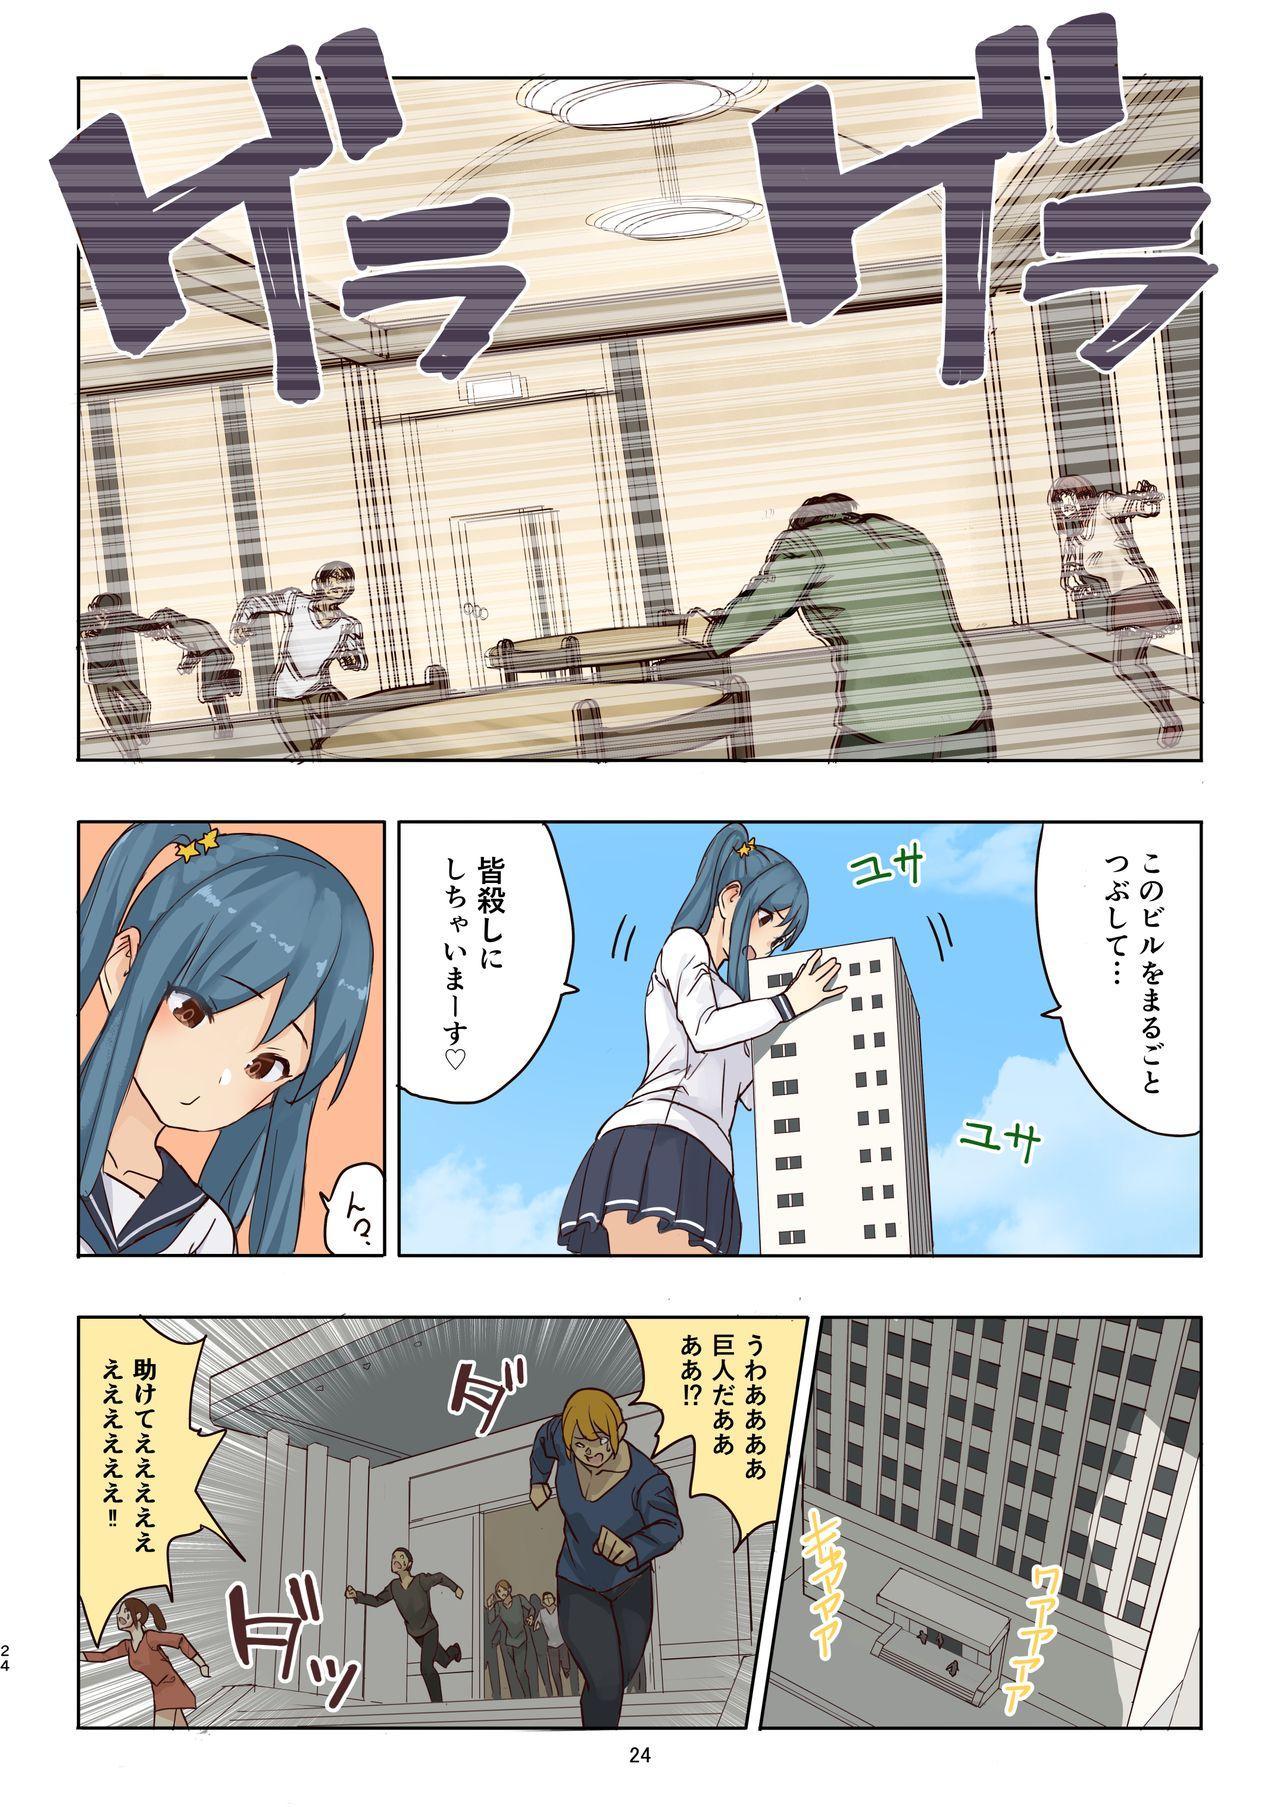 Zankoku Kyodai Musume Fondue-chan no Ecchi na Gyakusatsu 23